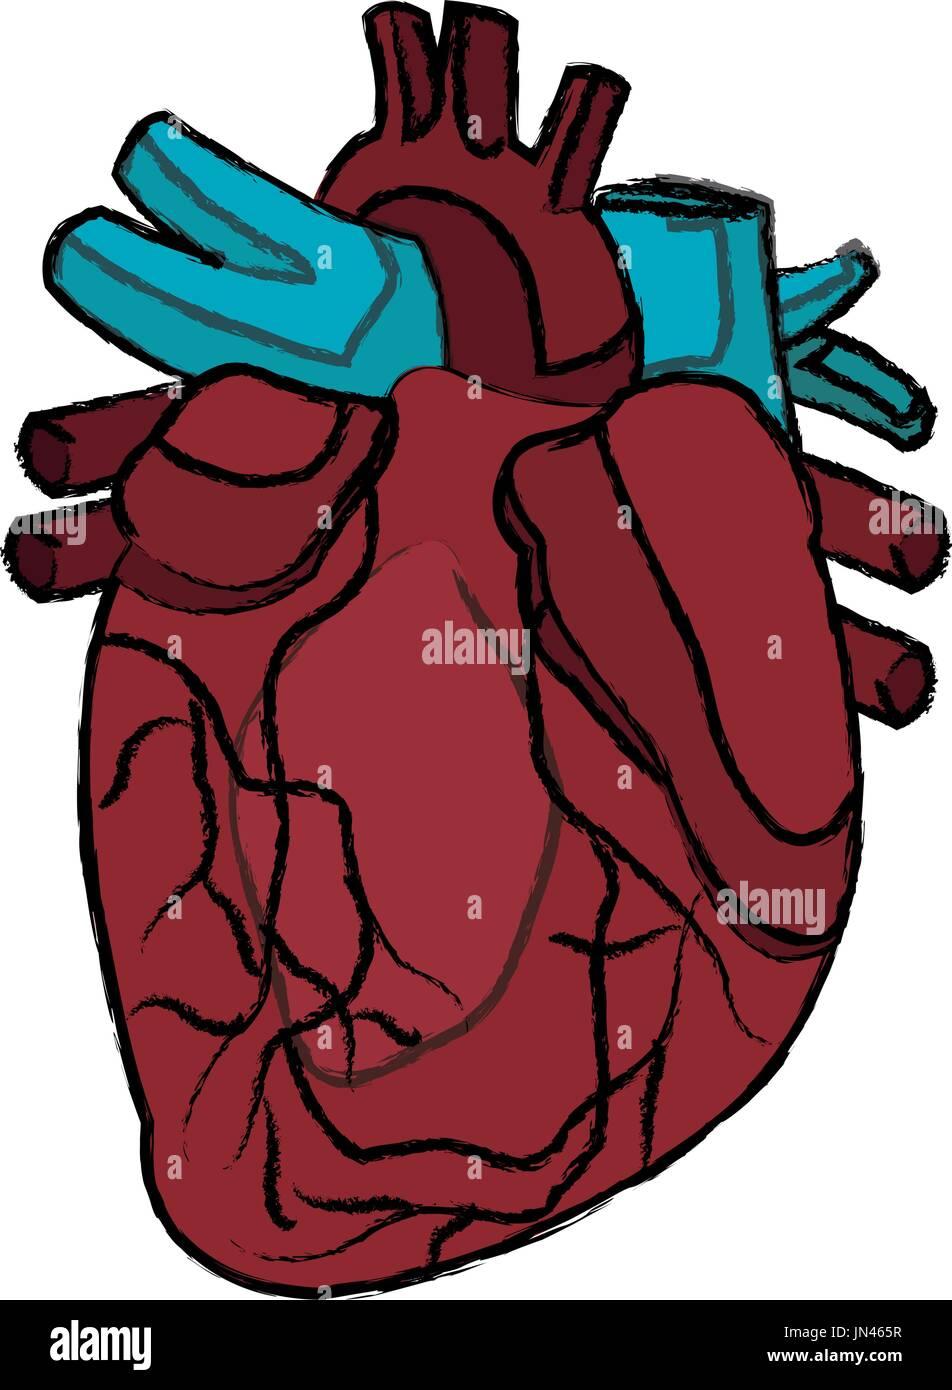 Niedlich Oberfläche Anatomie Des Herzens Zeitgenössisch ...